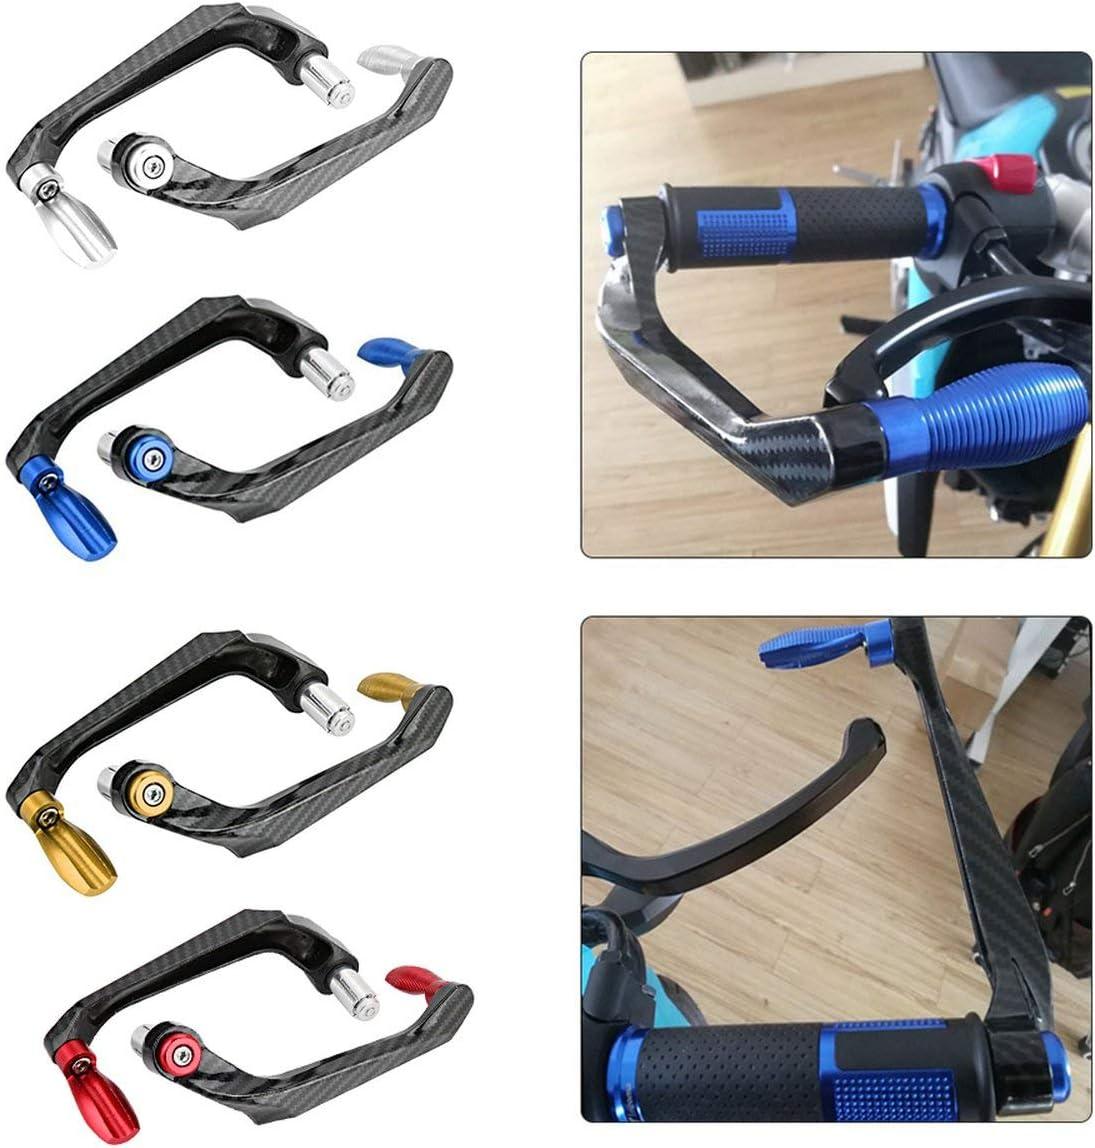 Universel en aluminium moto barre /à main frein levier dembrayage garde protecteur syst/ème Proguard accessoires de moto